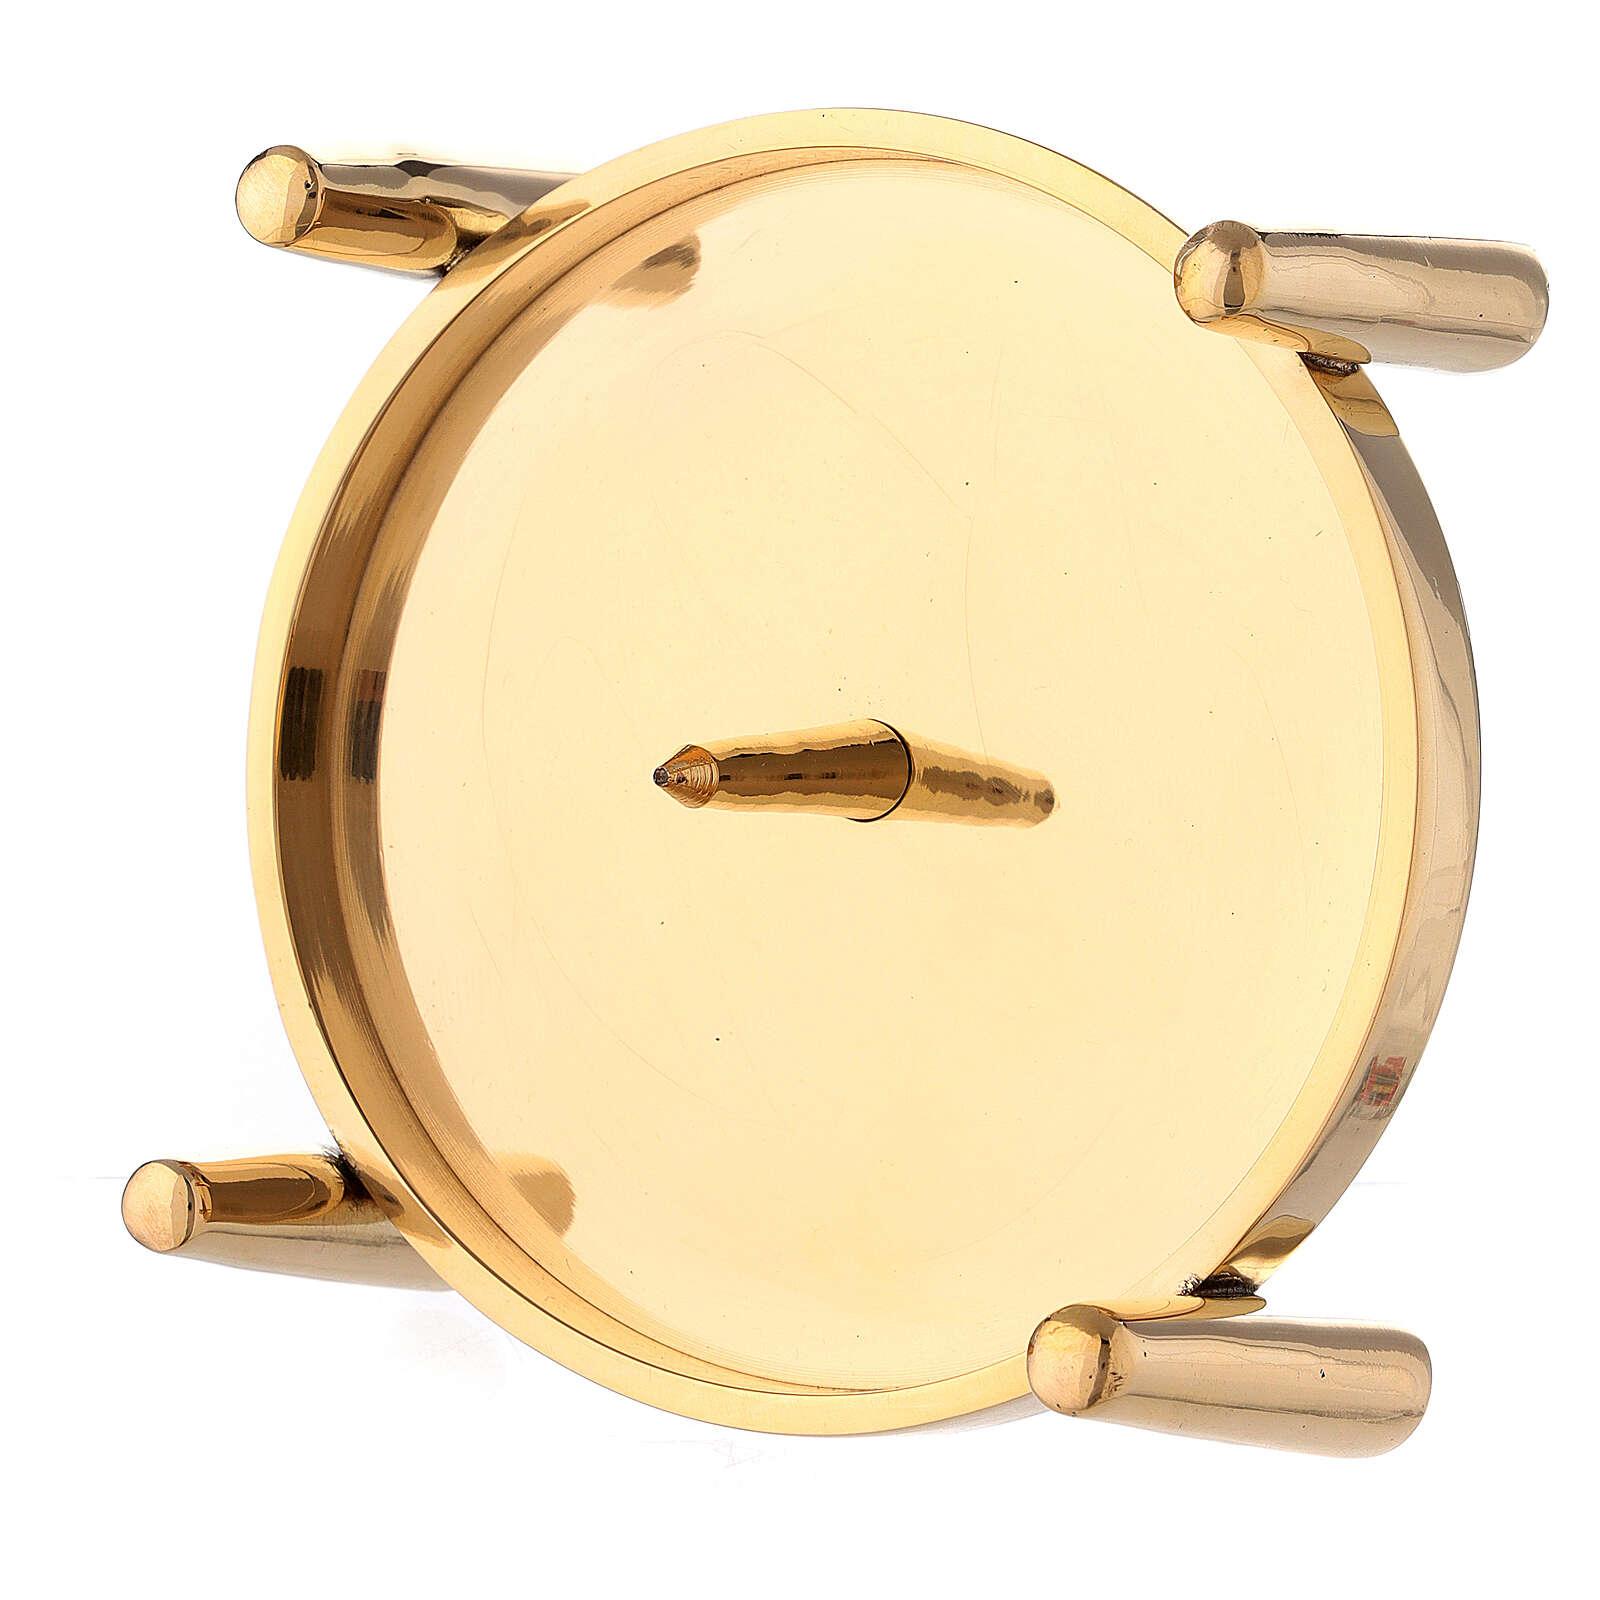 Base portacirio latón dorado lúcido 10 cm punta 4